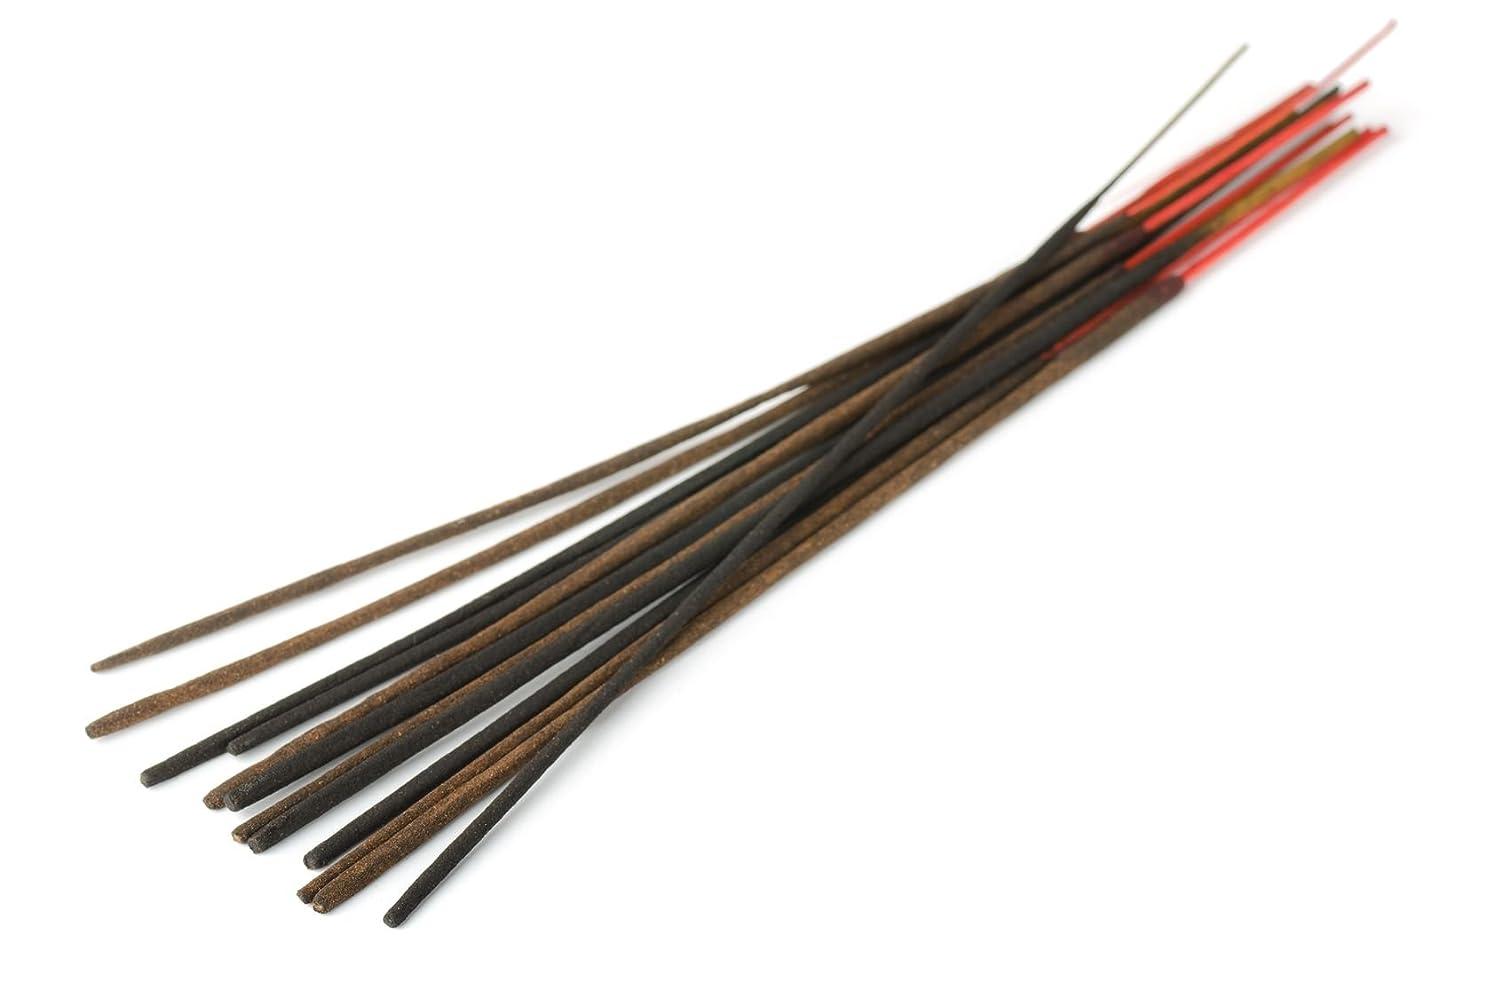 架空の推定するアセンブリプレミアムハンドメイドAmbrosia Incense Stickバンドル?–?90?to 100?Sticks Perバンドル?–?各スティックは11.5インチ、には滑らかなクリーンBurn